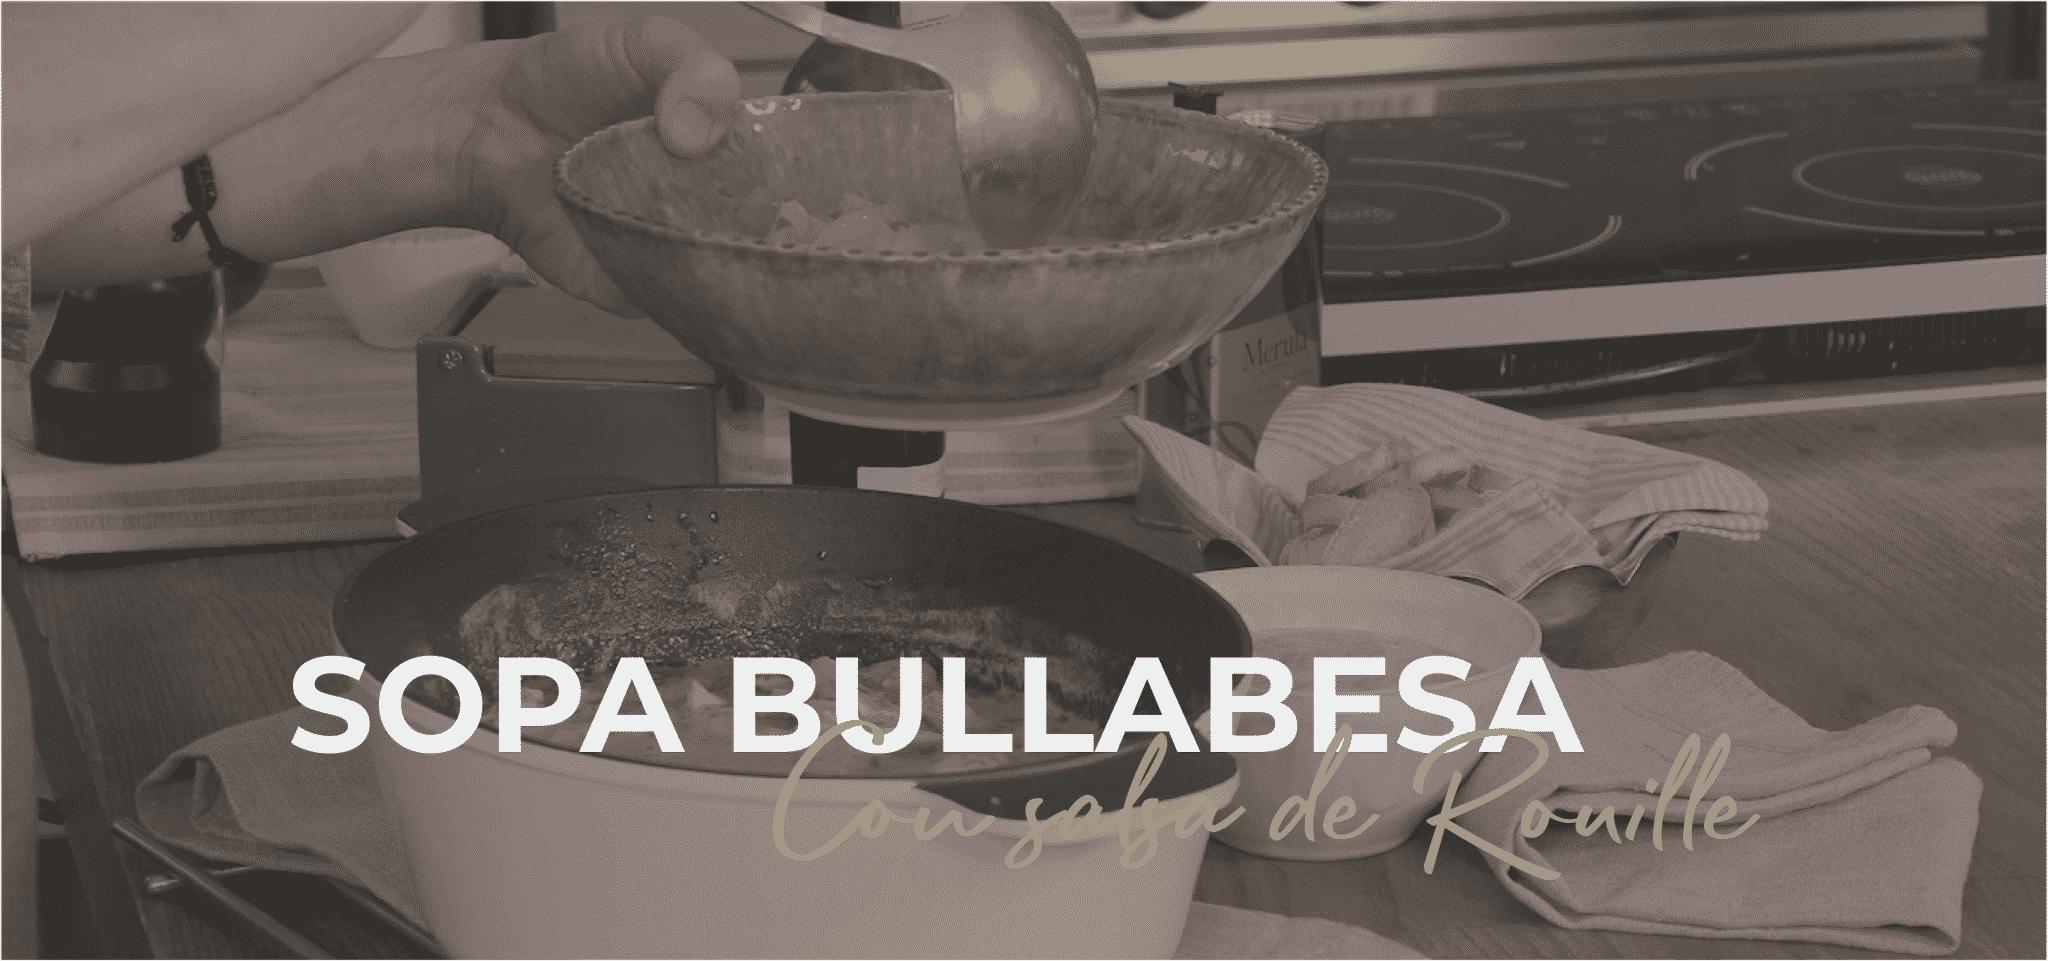 Sopa Bullabesa 08